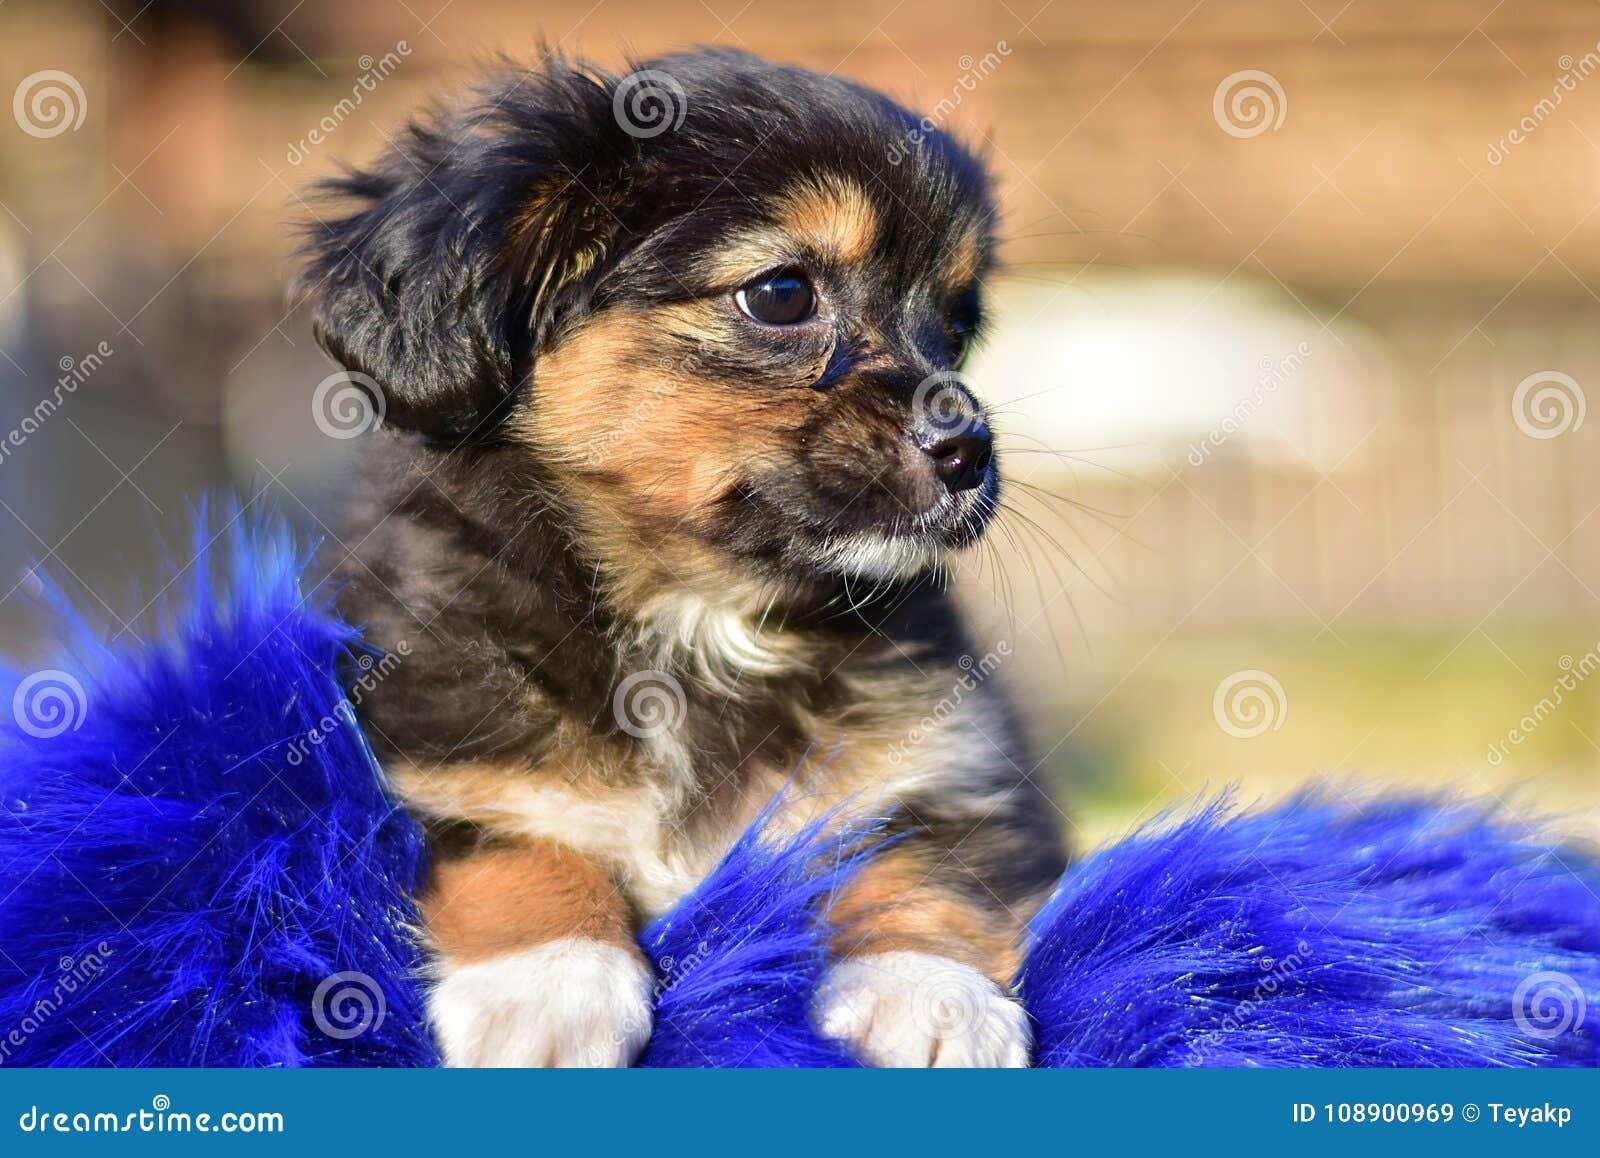 Havanese bichon havanais puppy dog